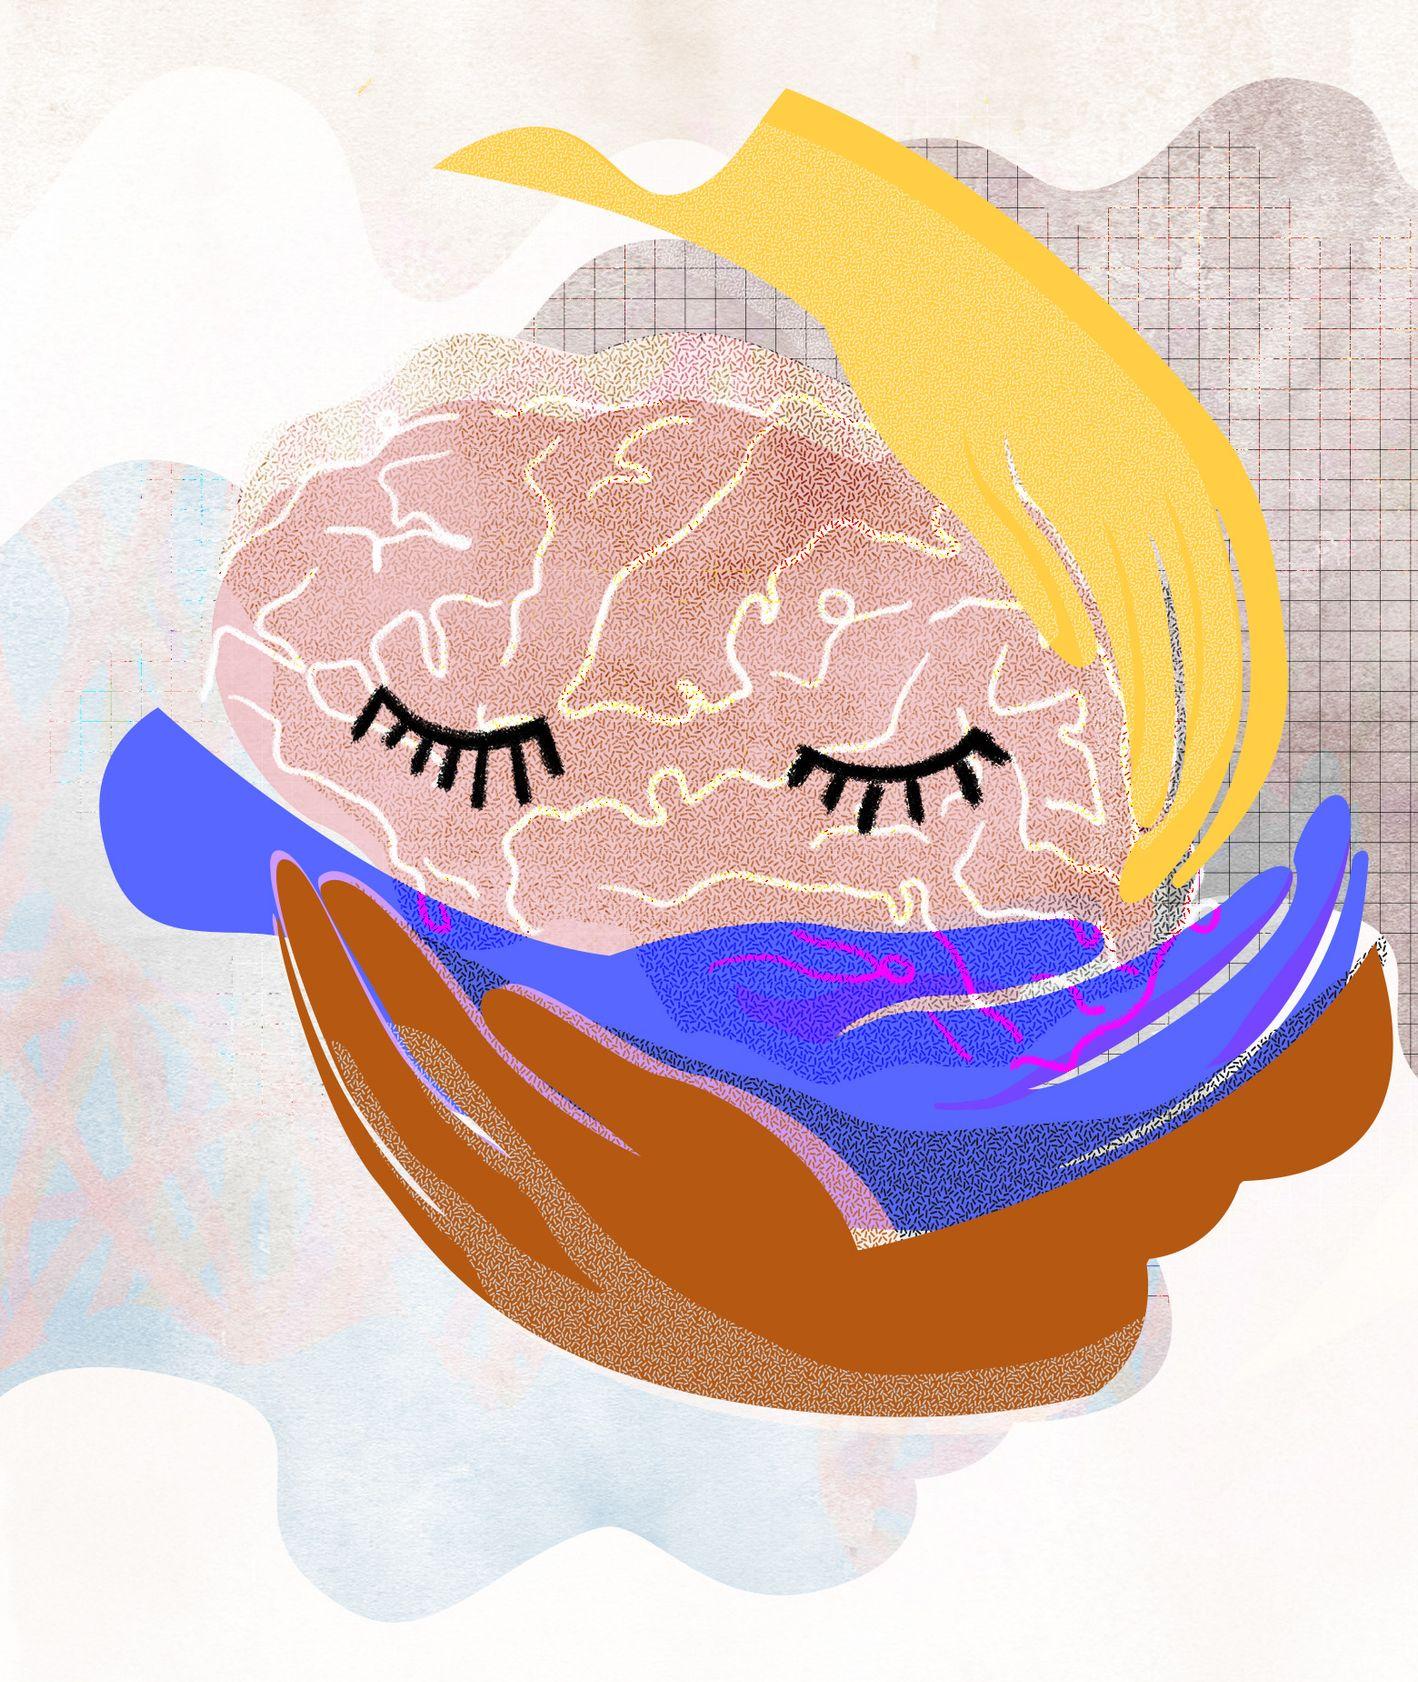 Ilustracja przedstawiająca zaopiekowany mózg (il. Basia Synak)